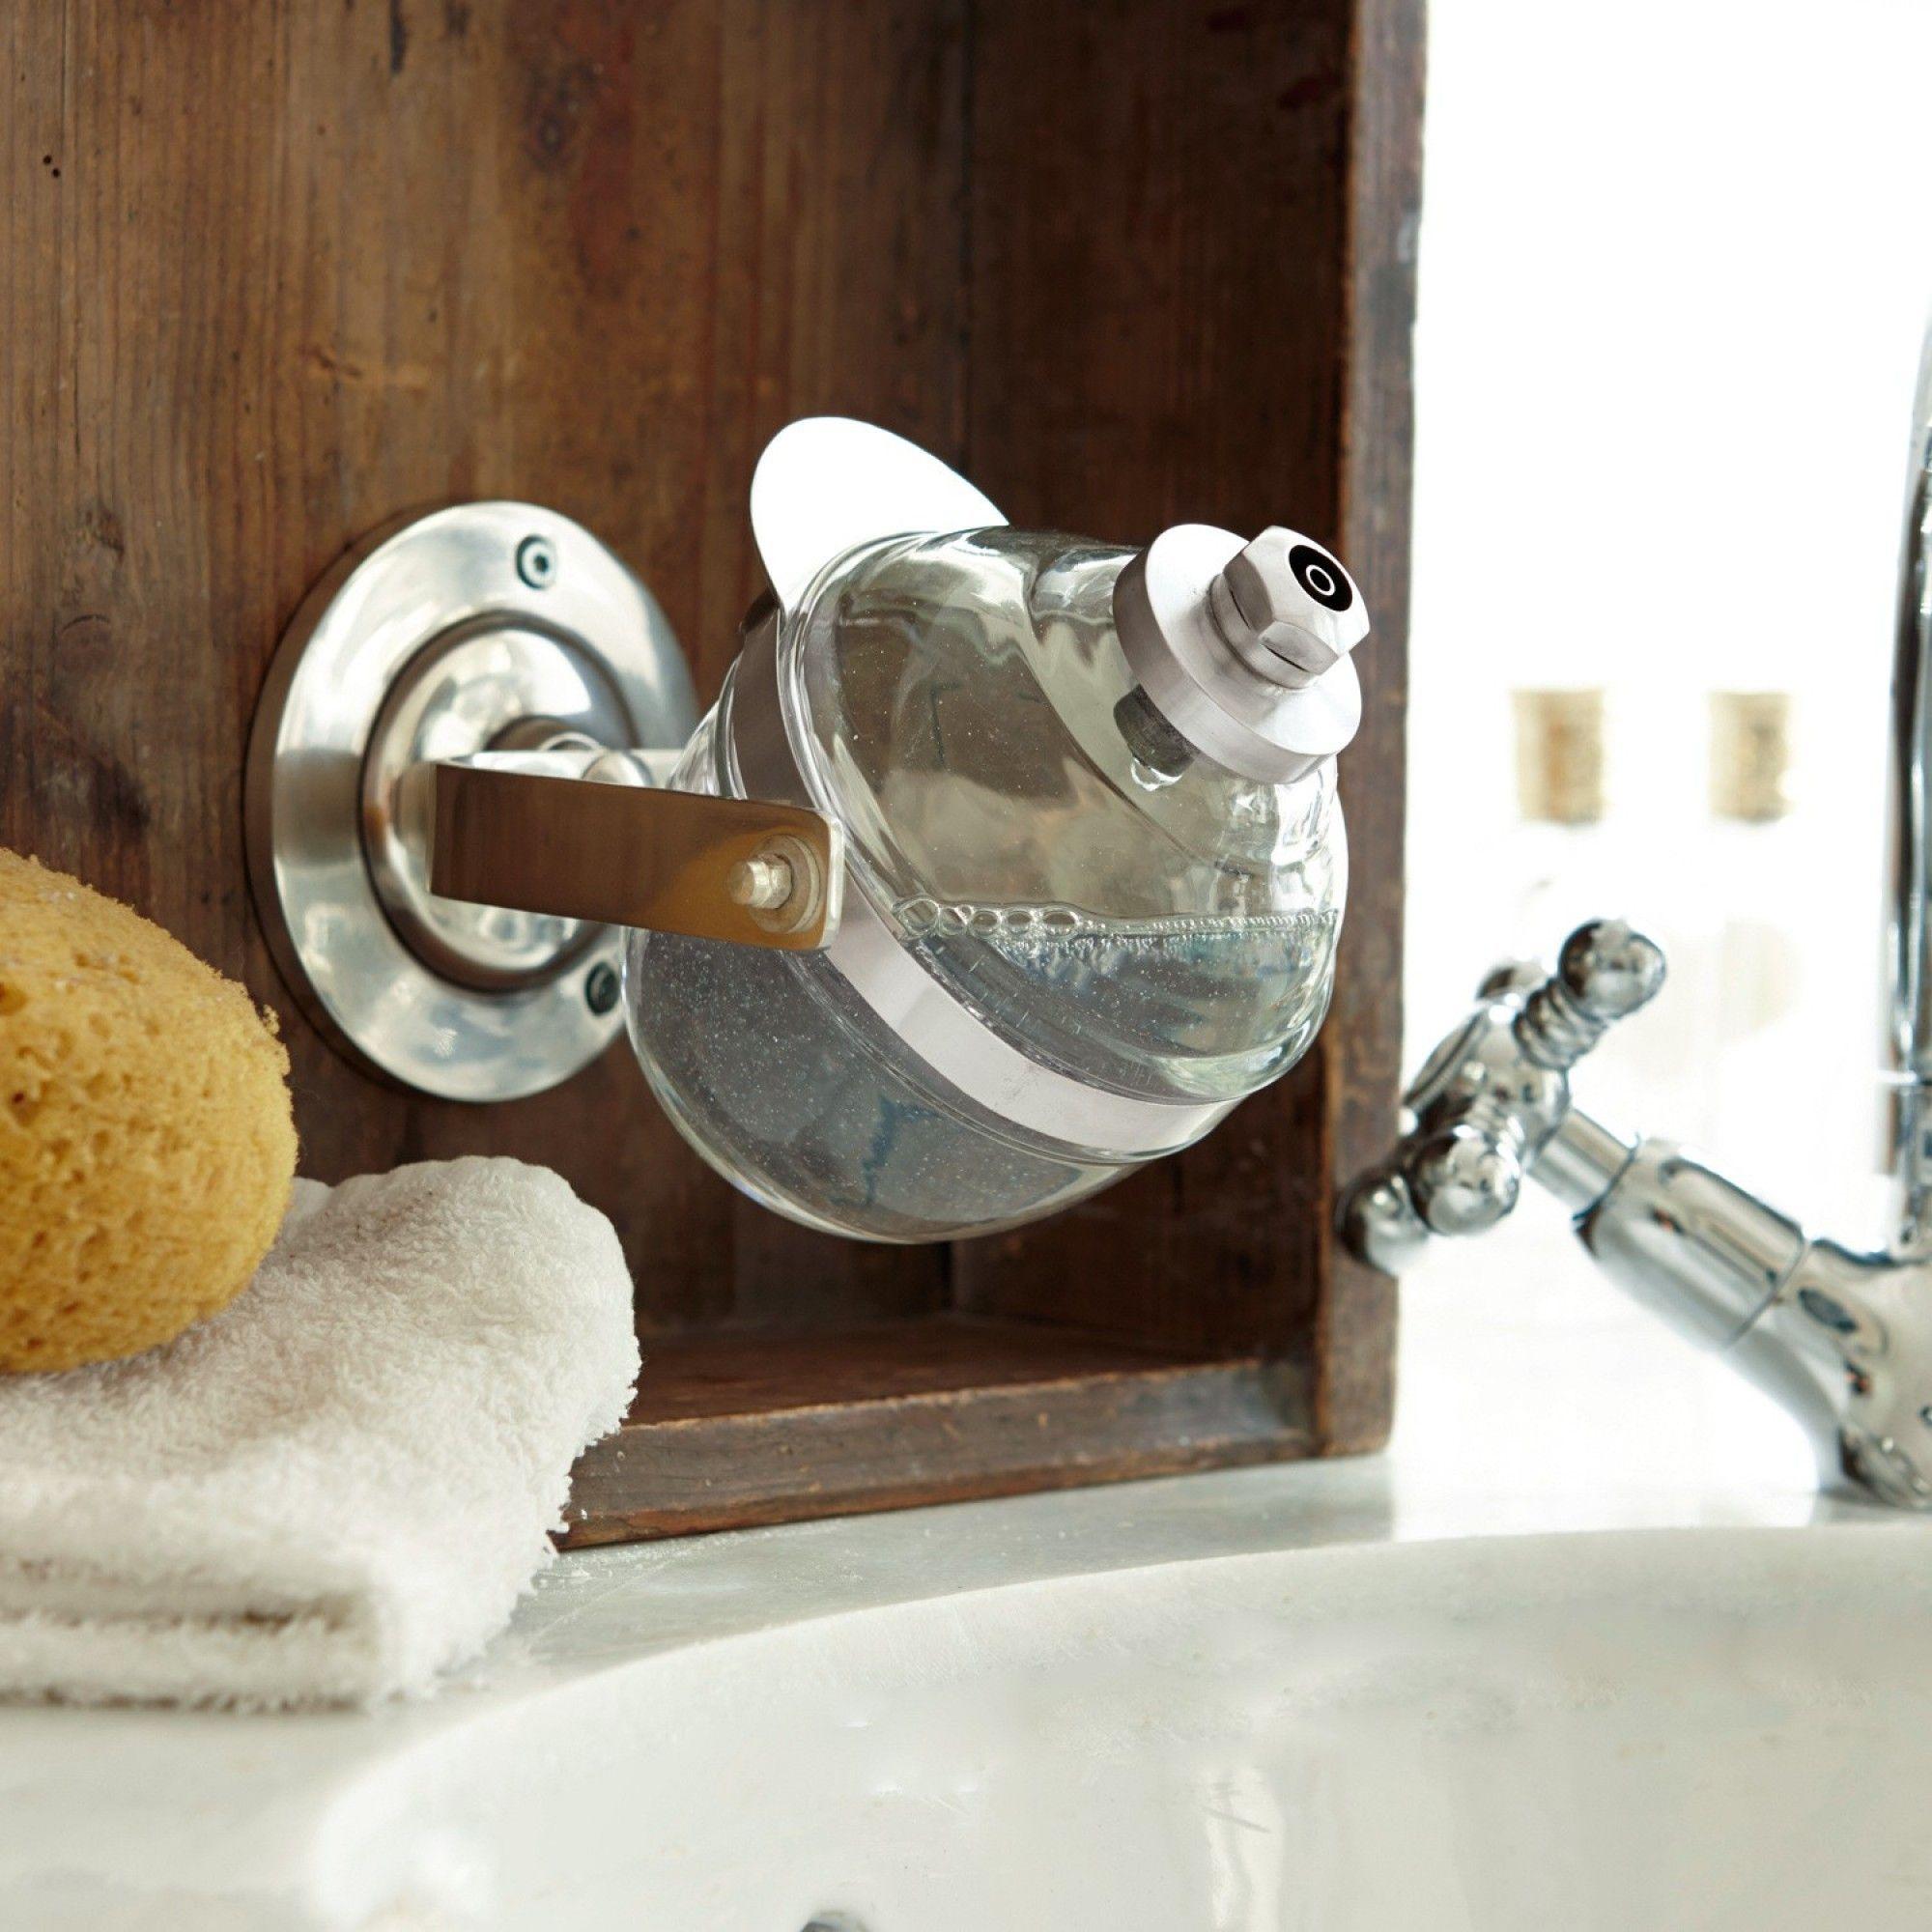 Seifenspender antik  Seifenspender Bailey' gesehen auf Loberon.de | Badezimmer ...